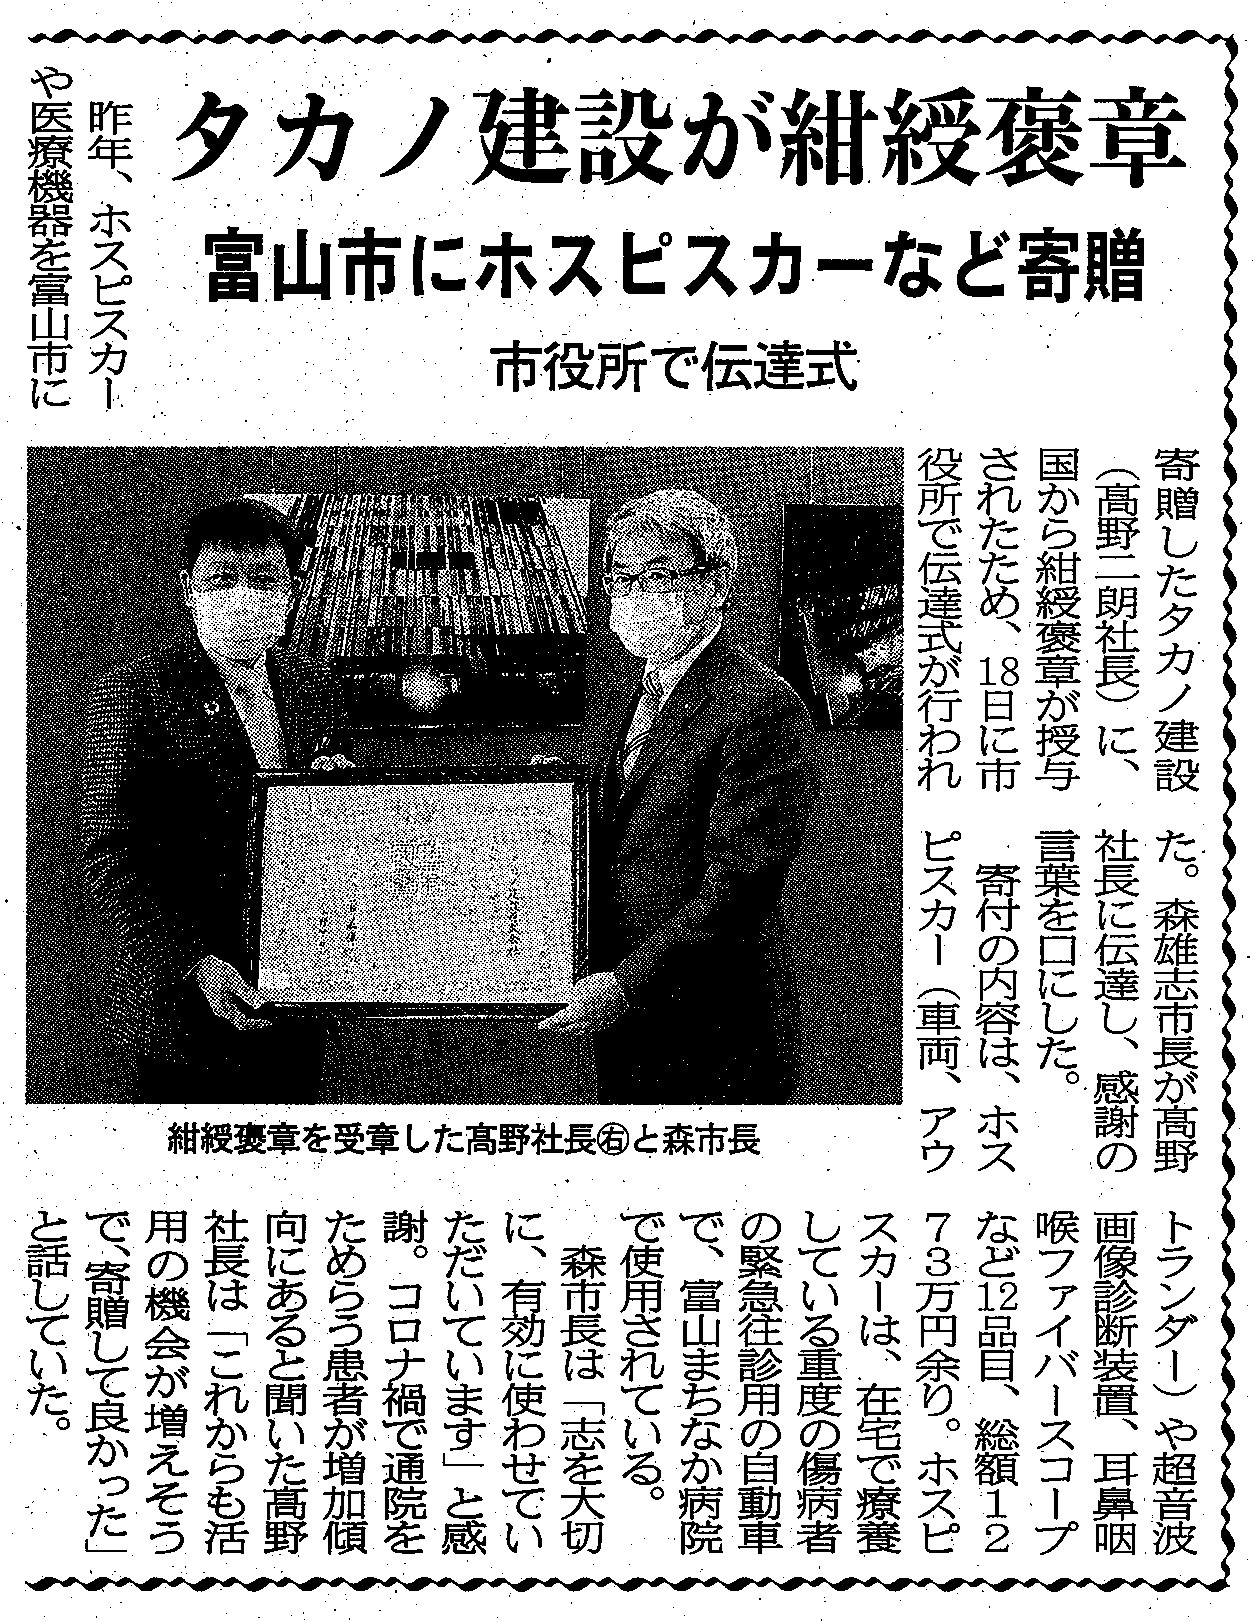 20201221_建設工業新聞.jpg